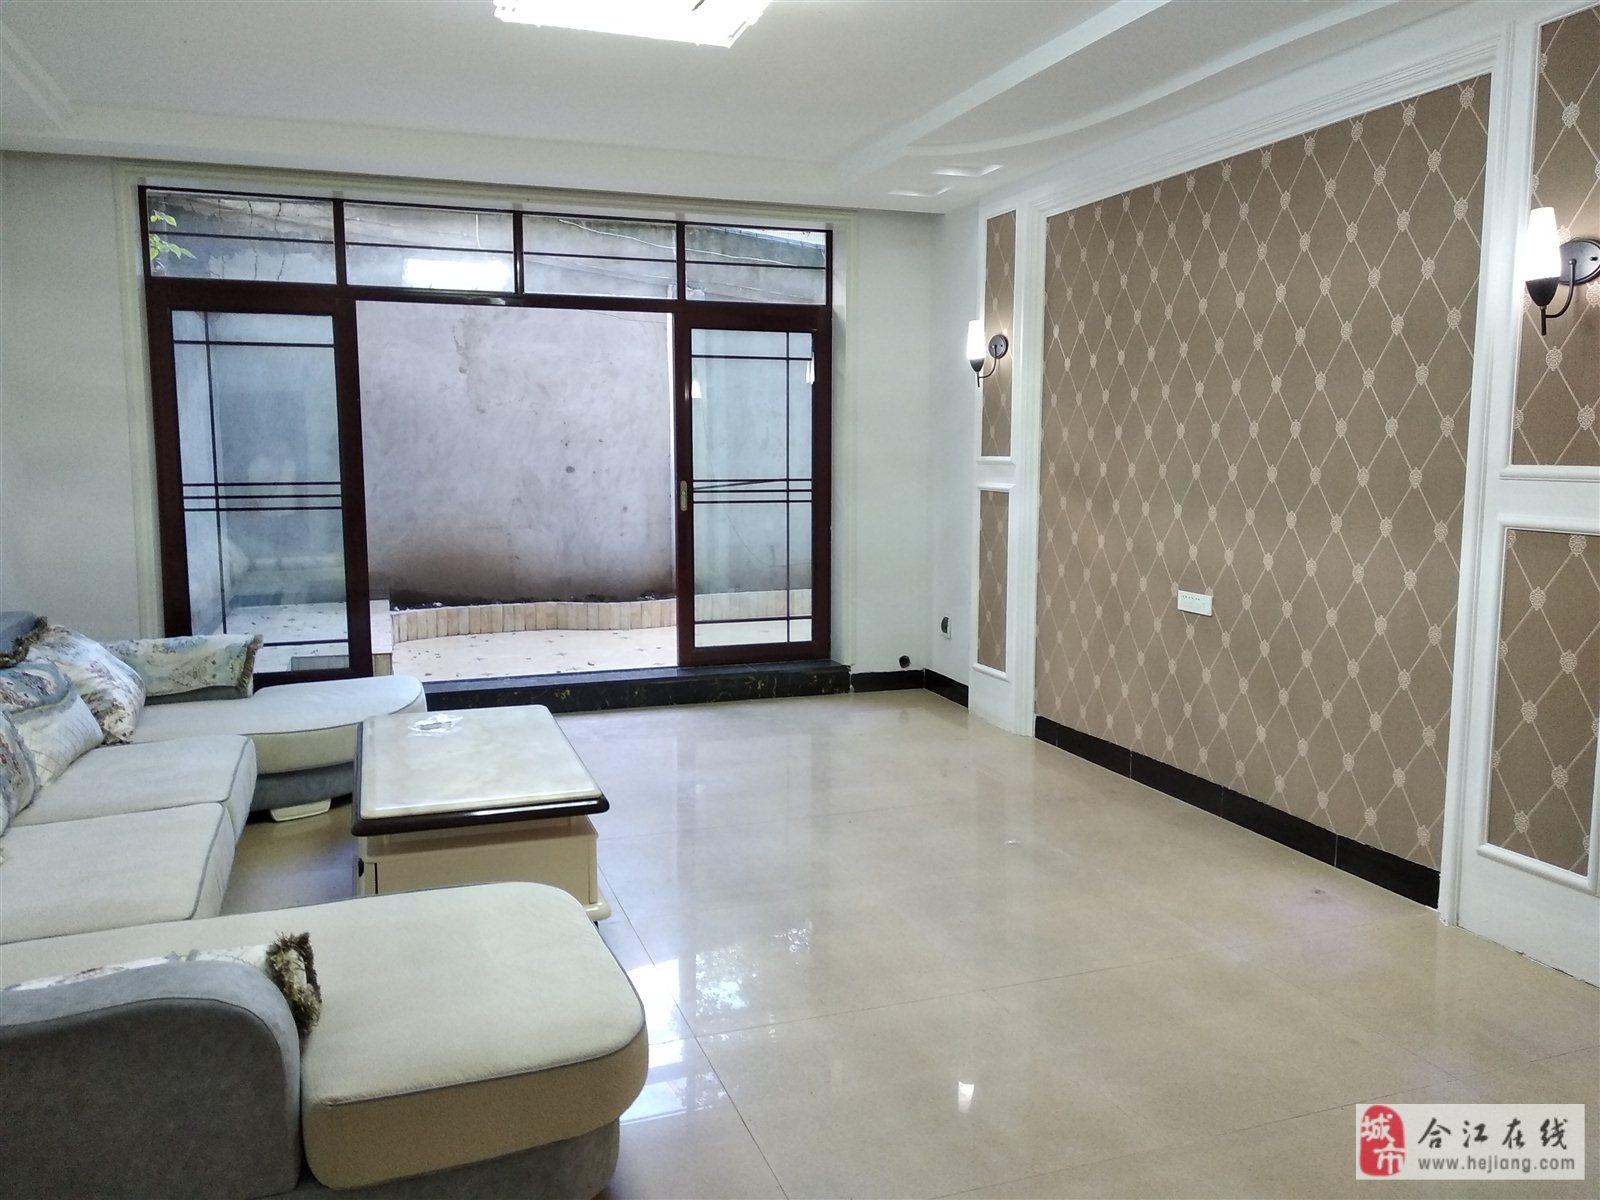 四十米大街2楼4室 2厅 2卫69.8万元